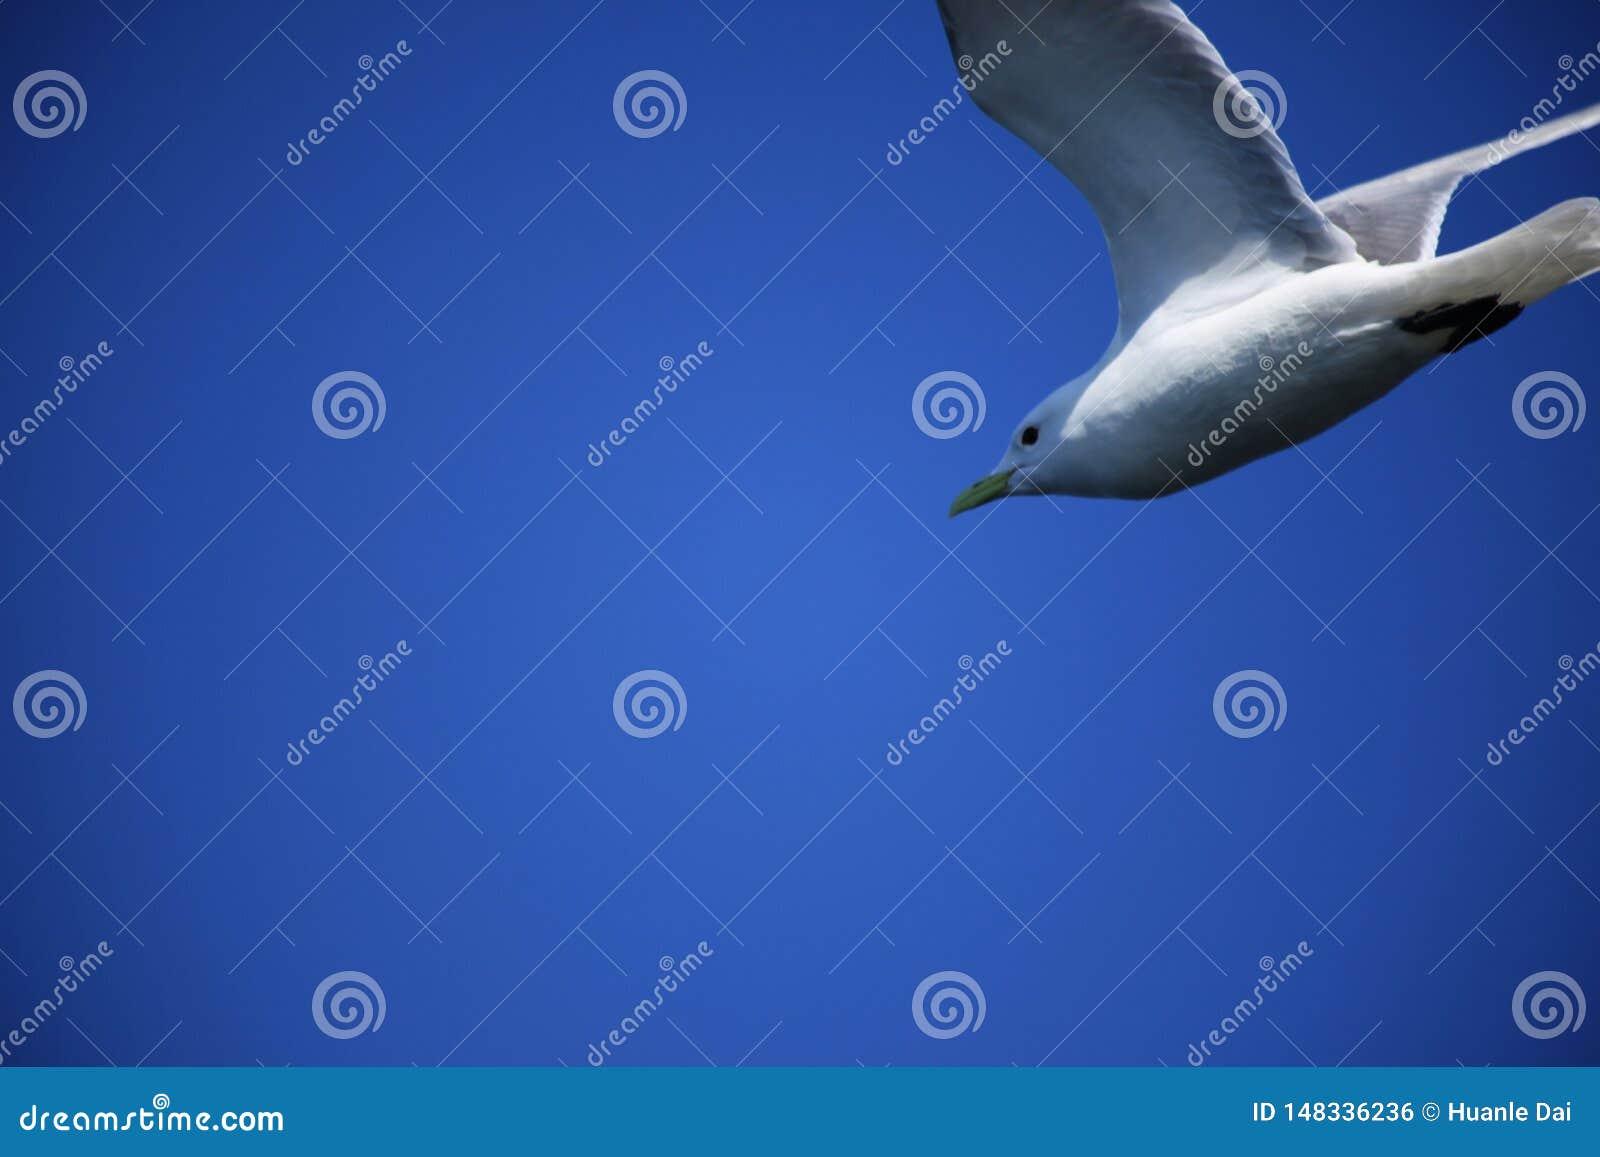 鸟,天空蔚蓝,